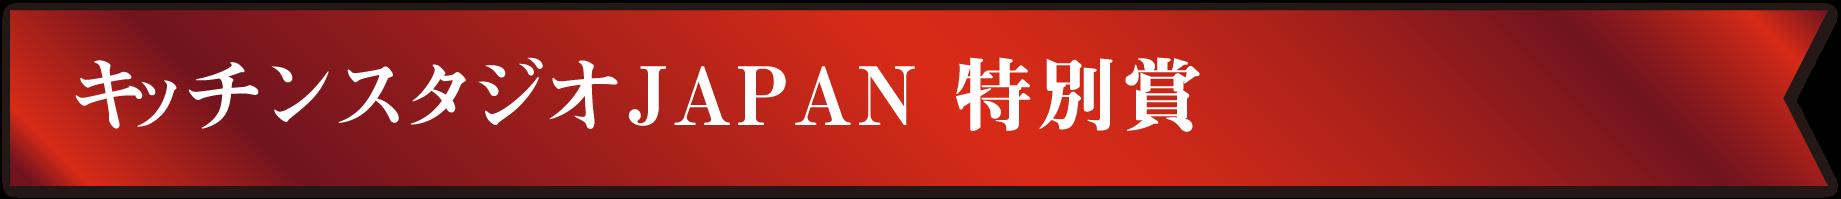 キッチンスタジオJAPAN特別賞